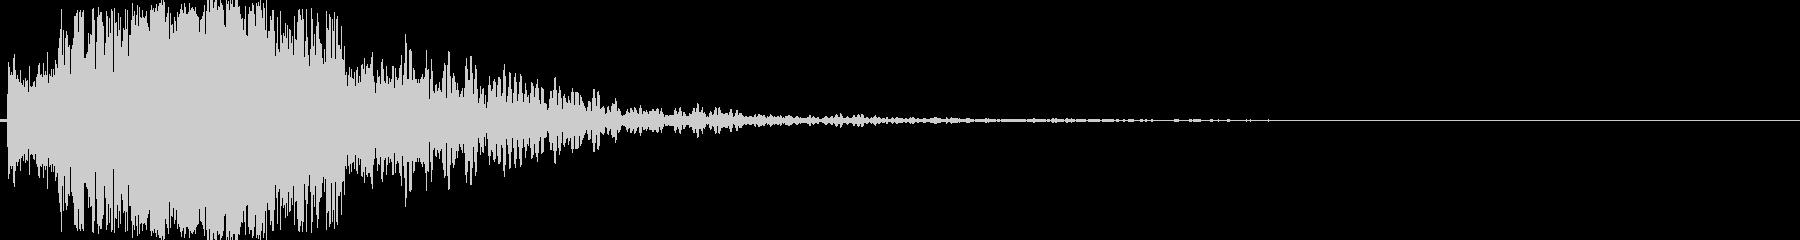 シャキーン(特大剣 ロゴ インパクト)6の未再生の波形